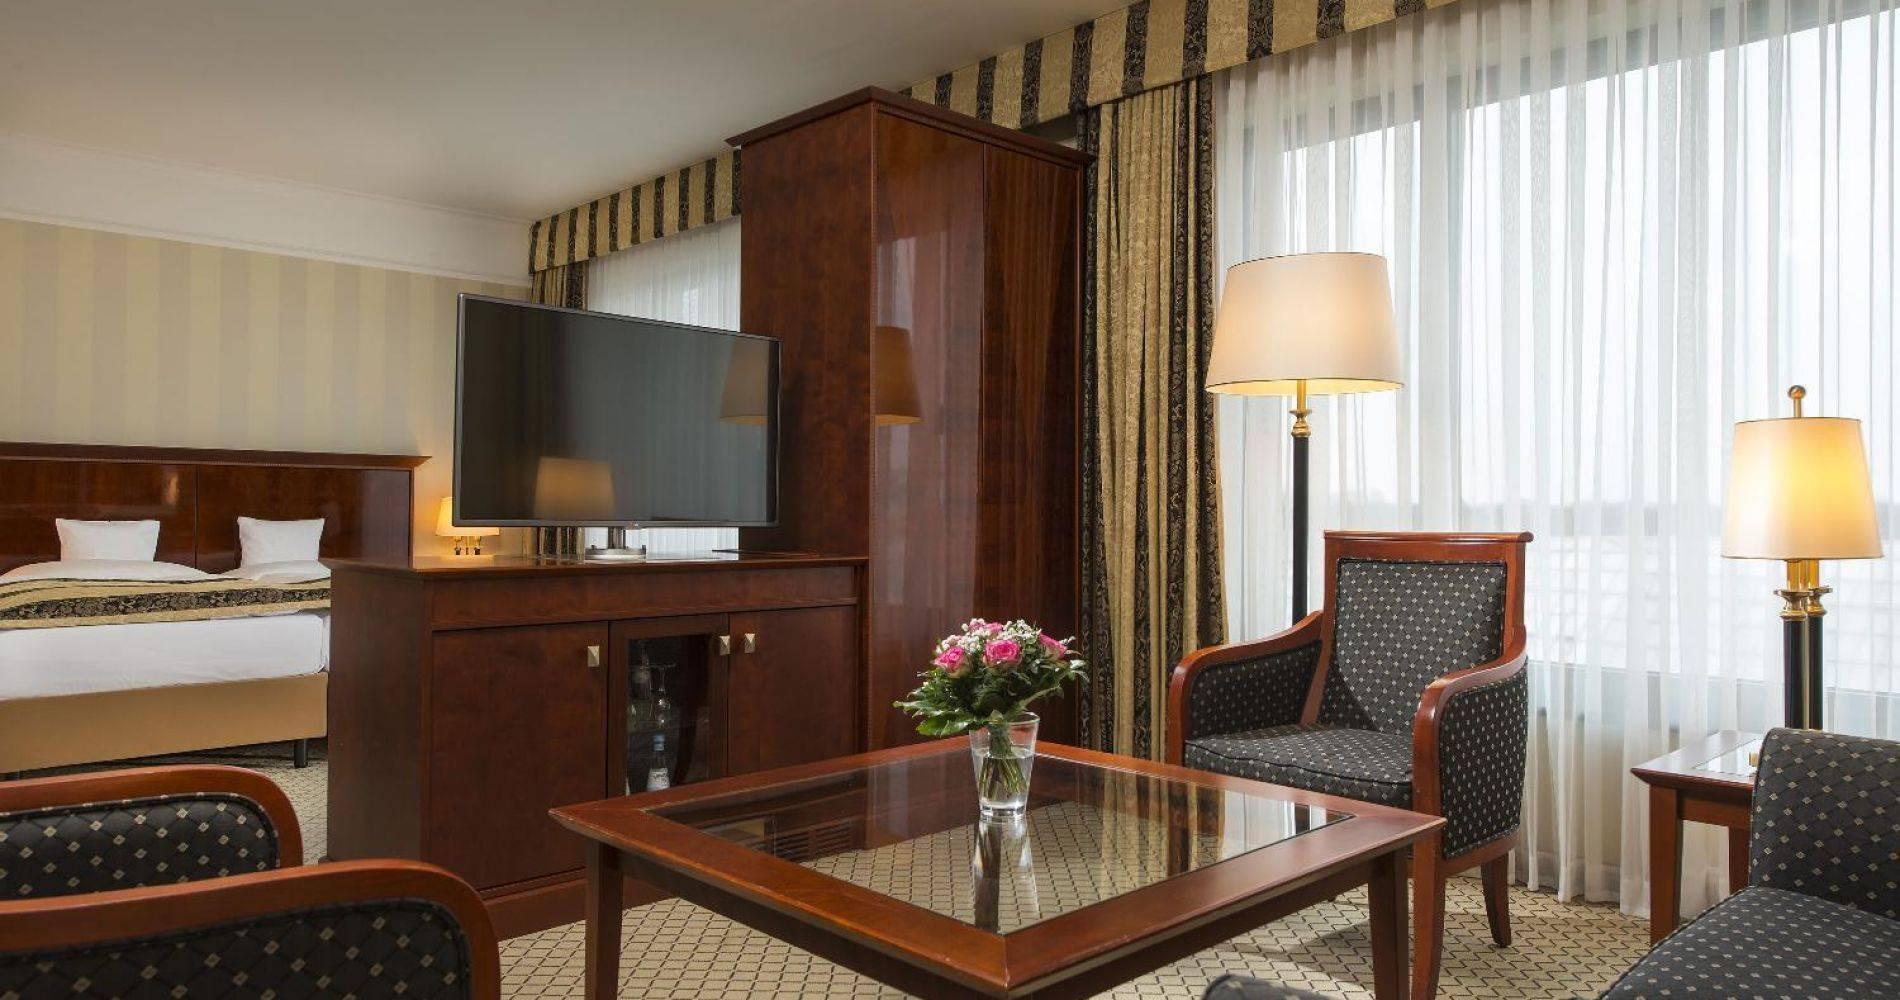 Лучшие отели берлина, германия где остановиться в городе берлин